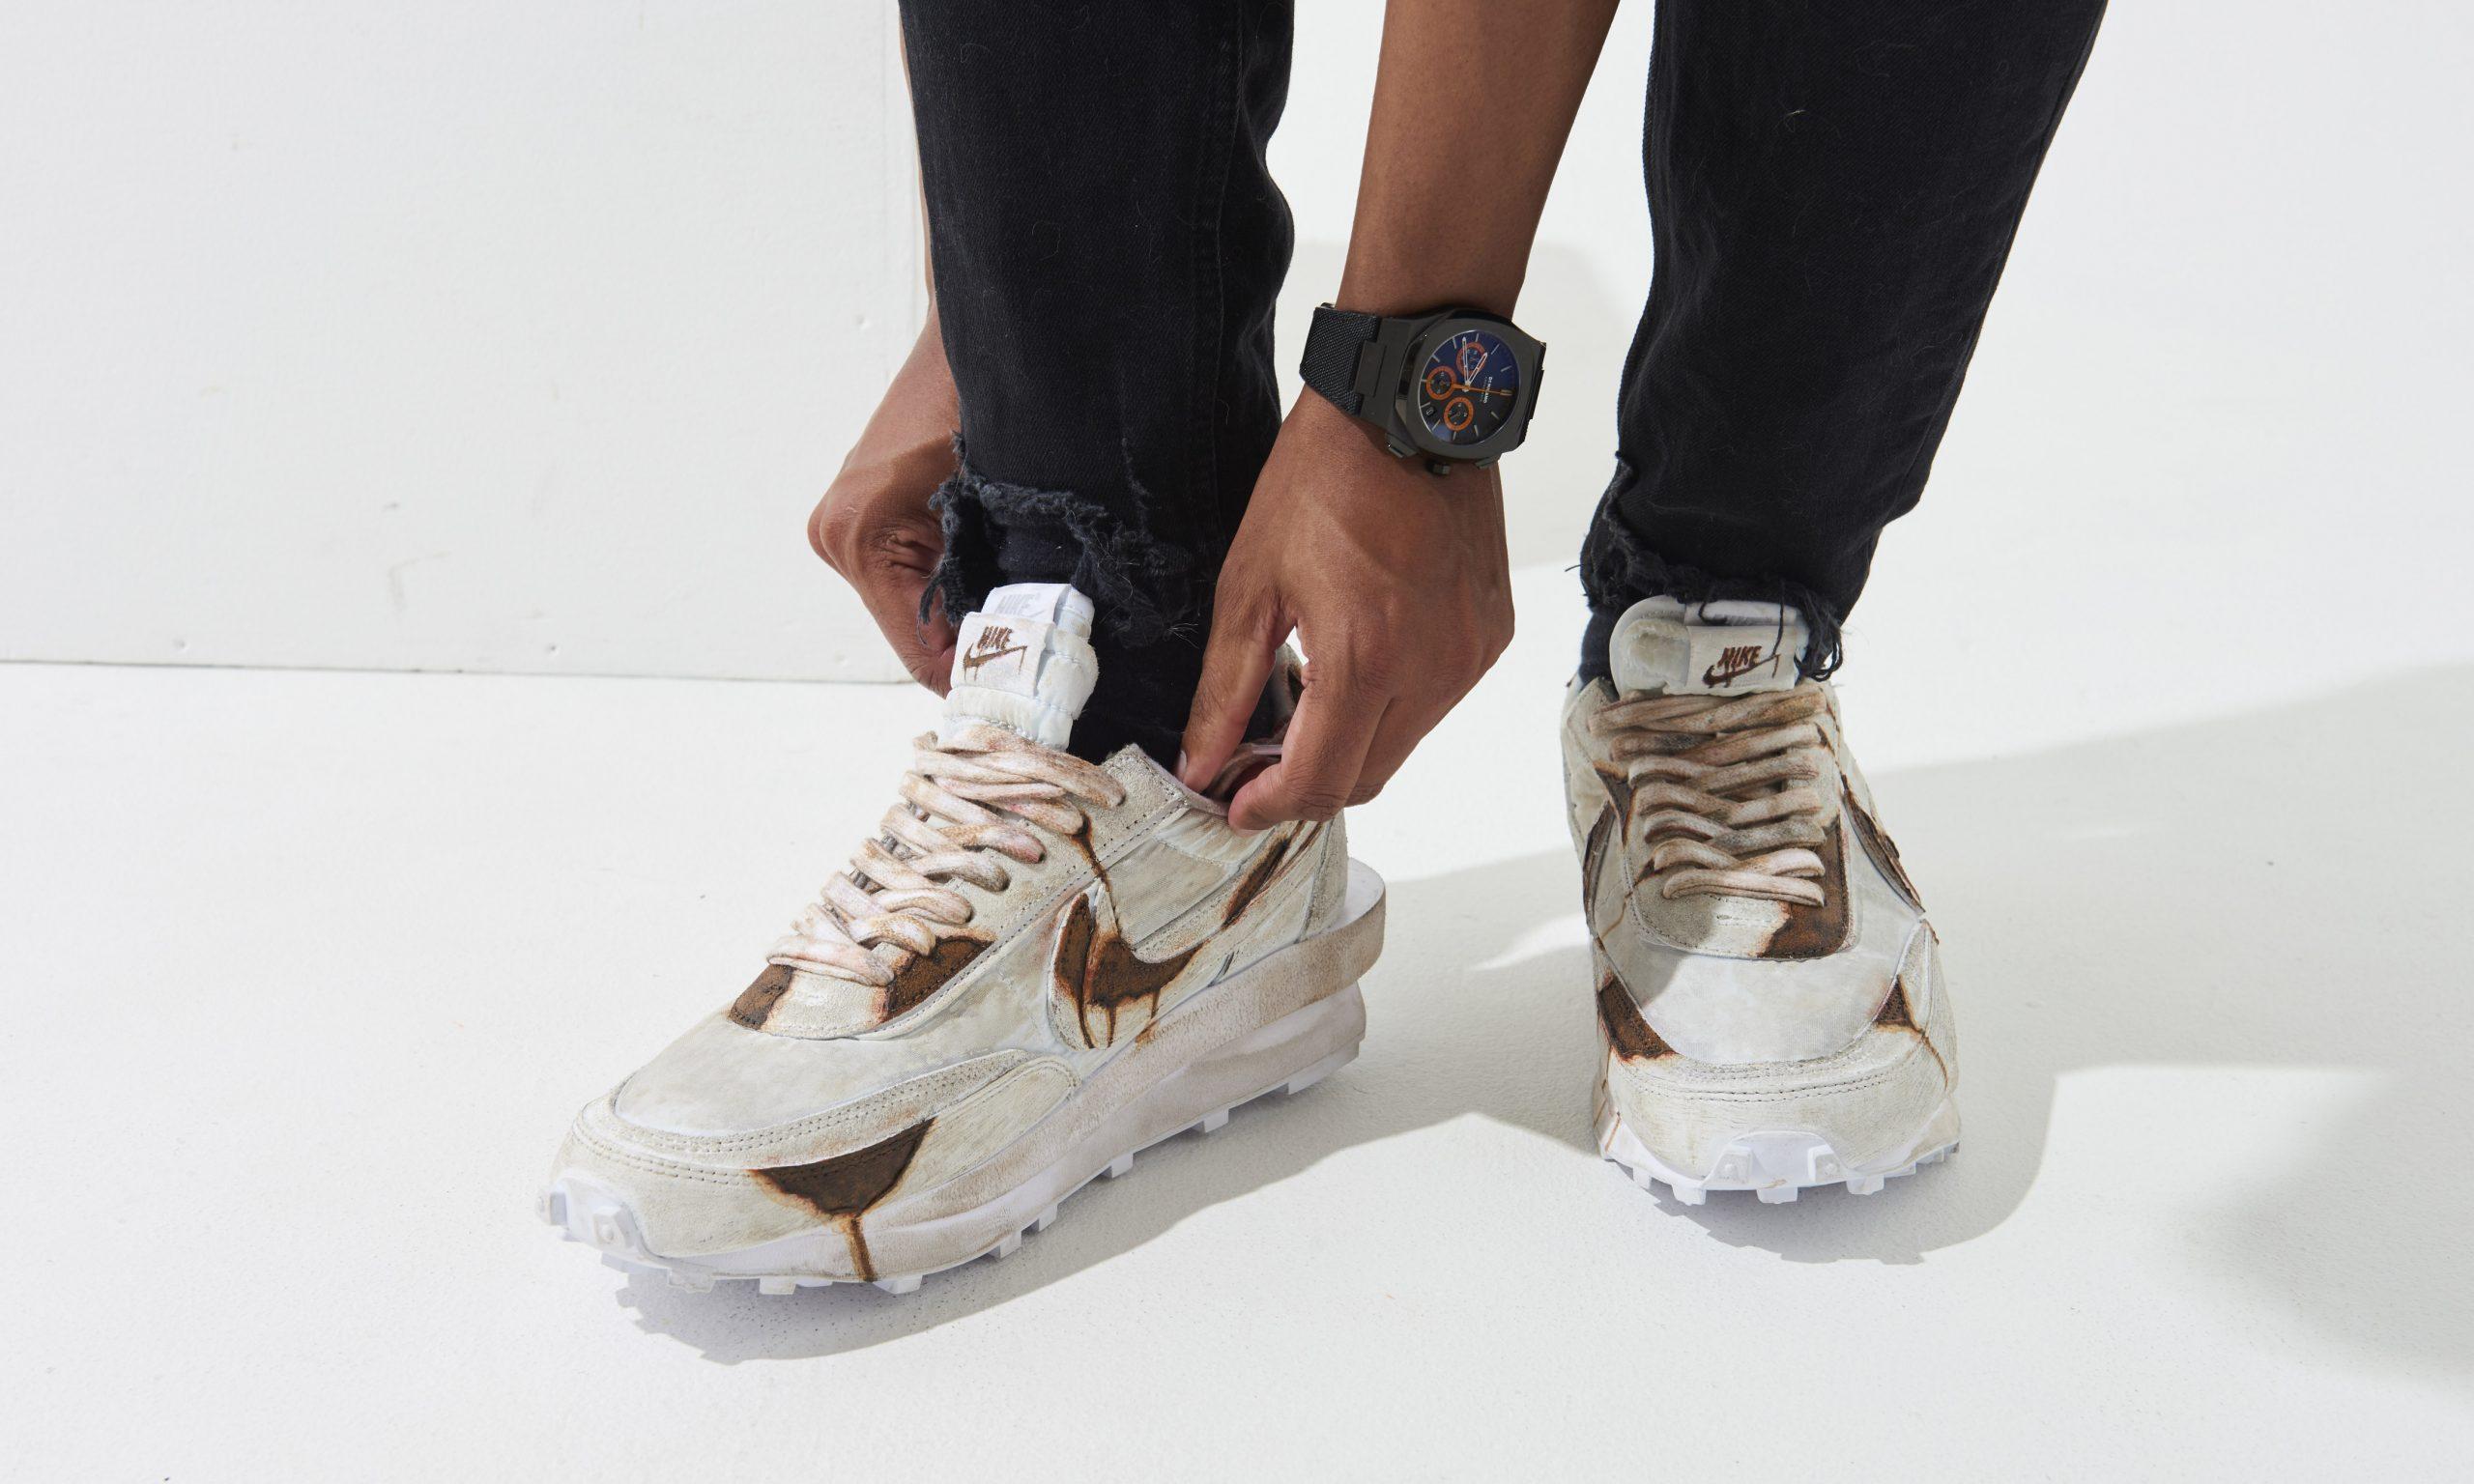 限量 30 双,日本定制单位 STuREET 发布 sacai x Nike 联乘鞋款「生锈」版本